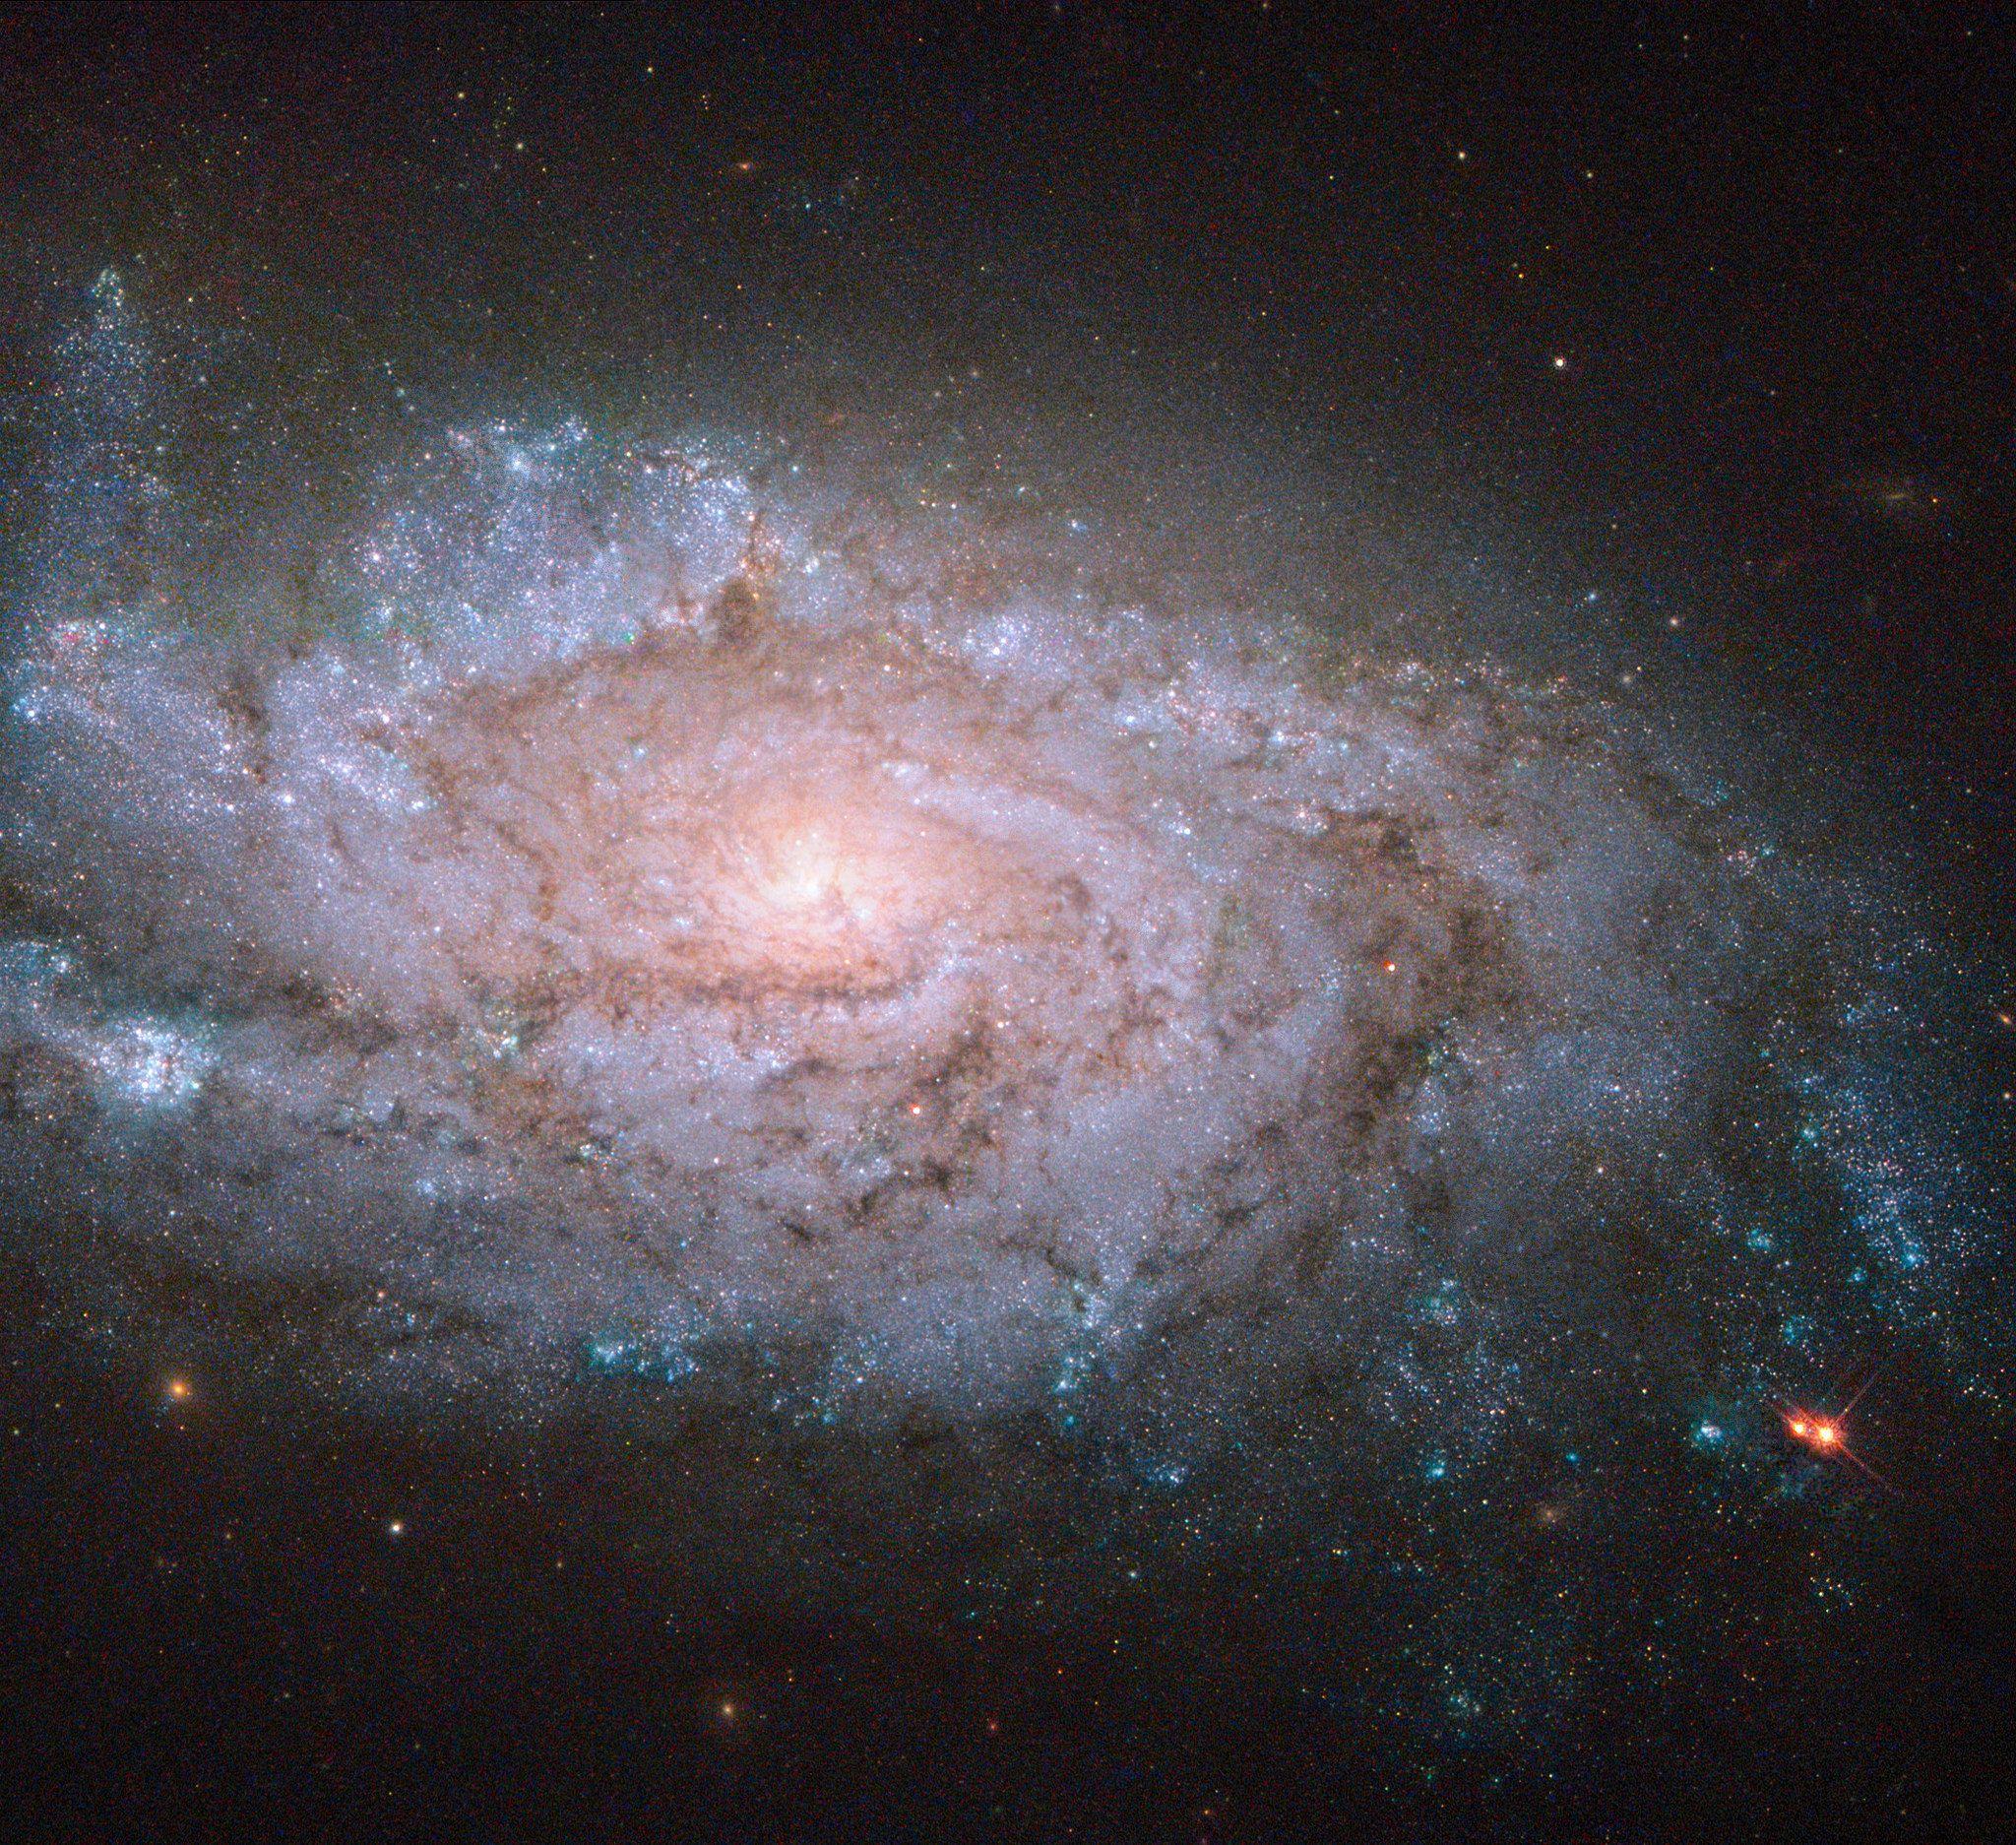 12_20_Spiral galaxy